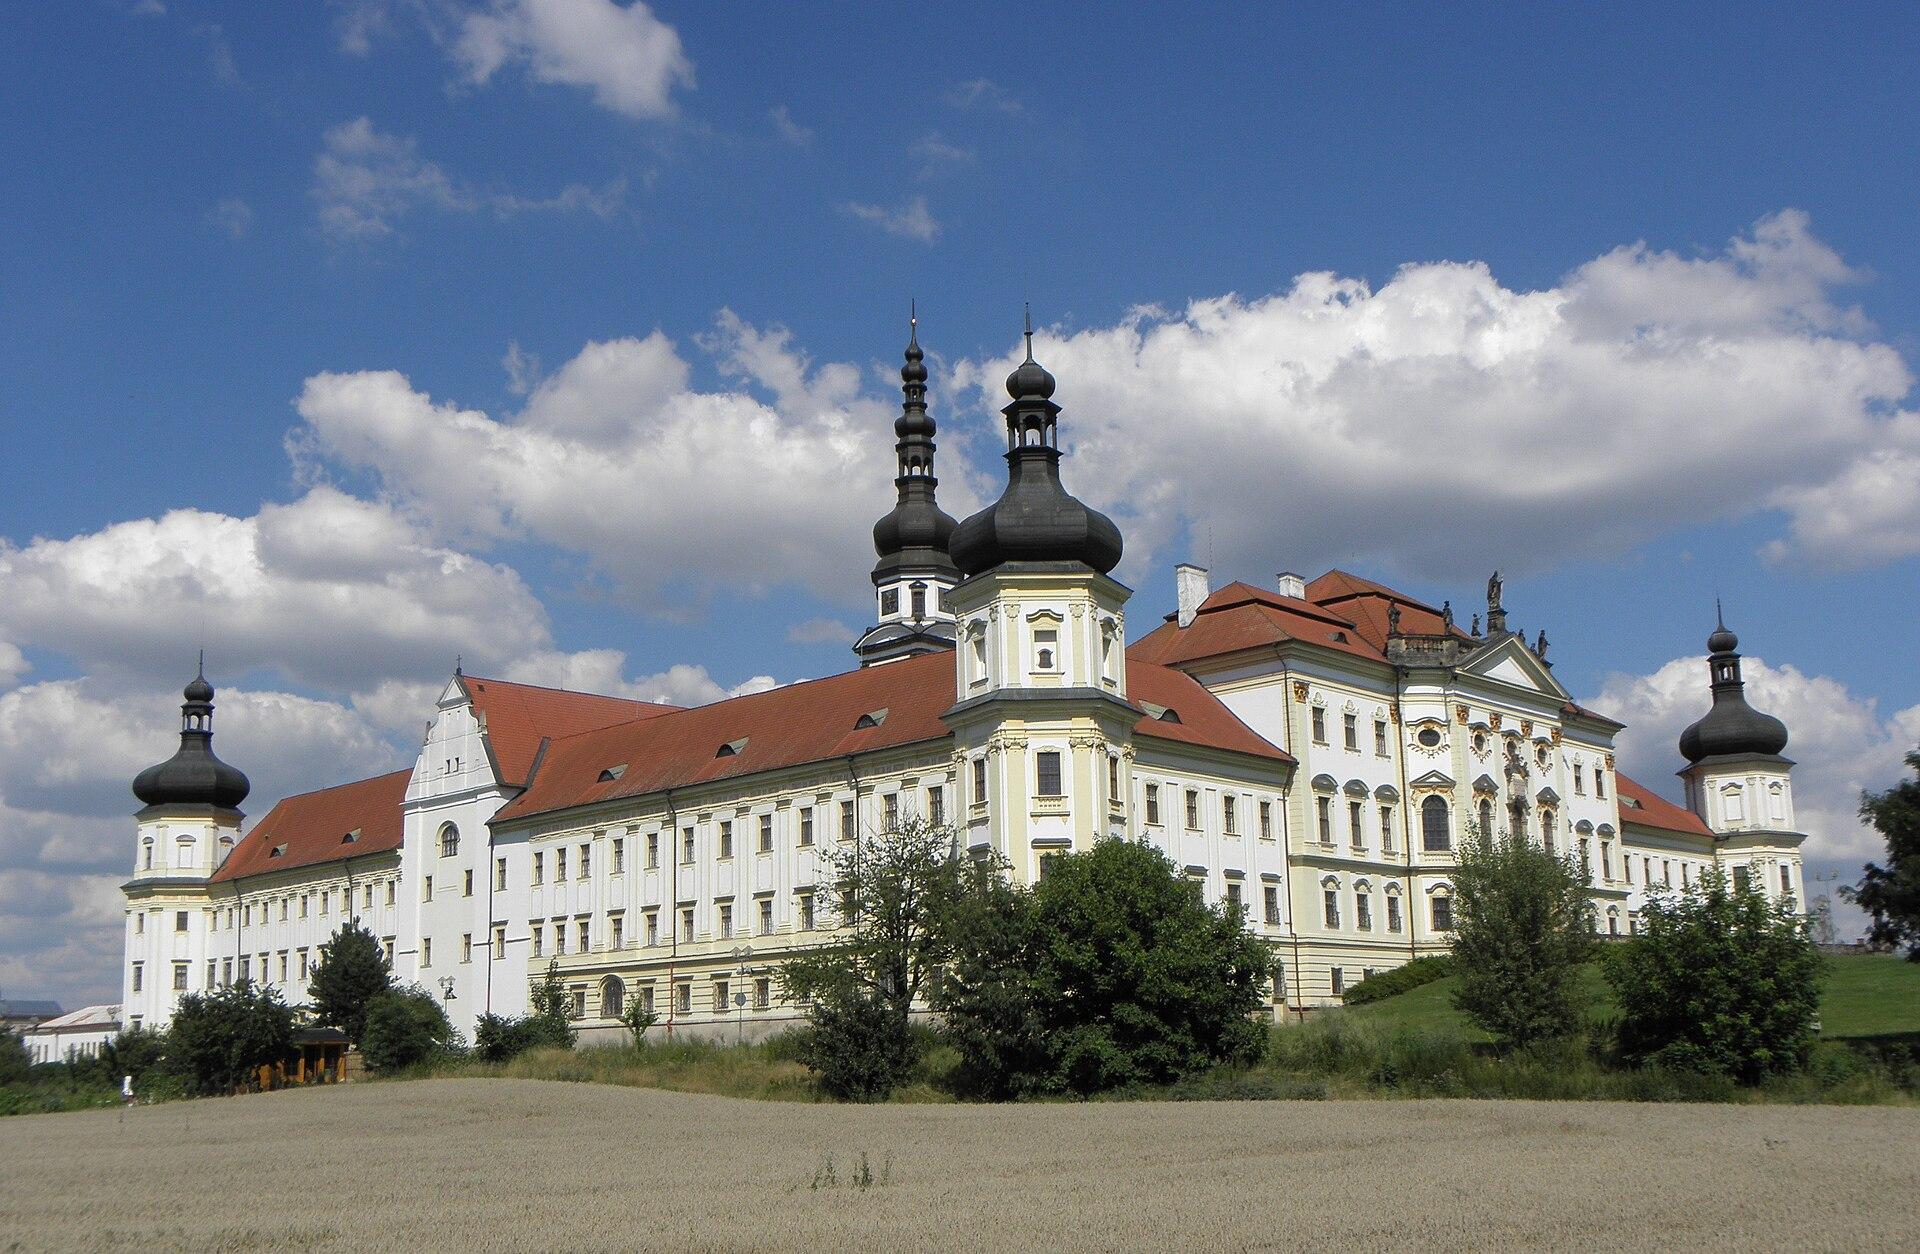 Pohled na klášter Hradisko od jihozápadu